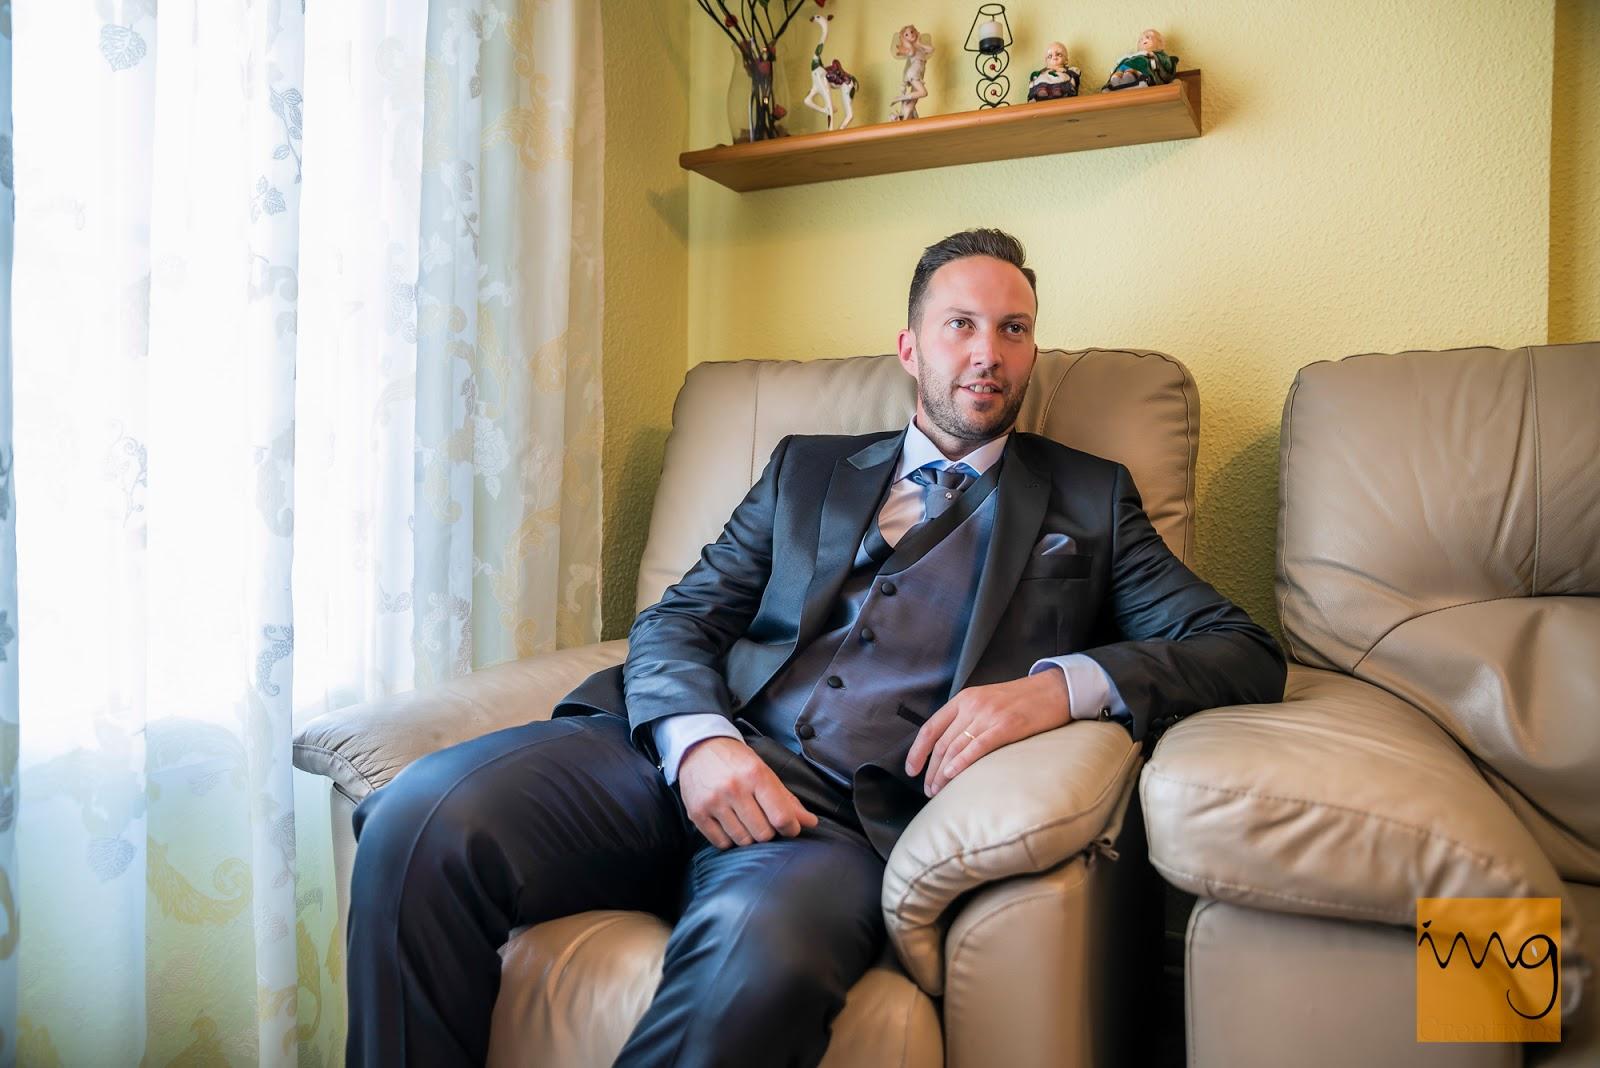 Foto del novio preparado para su boda